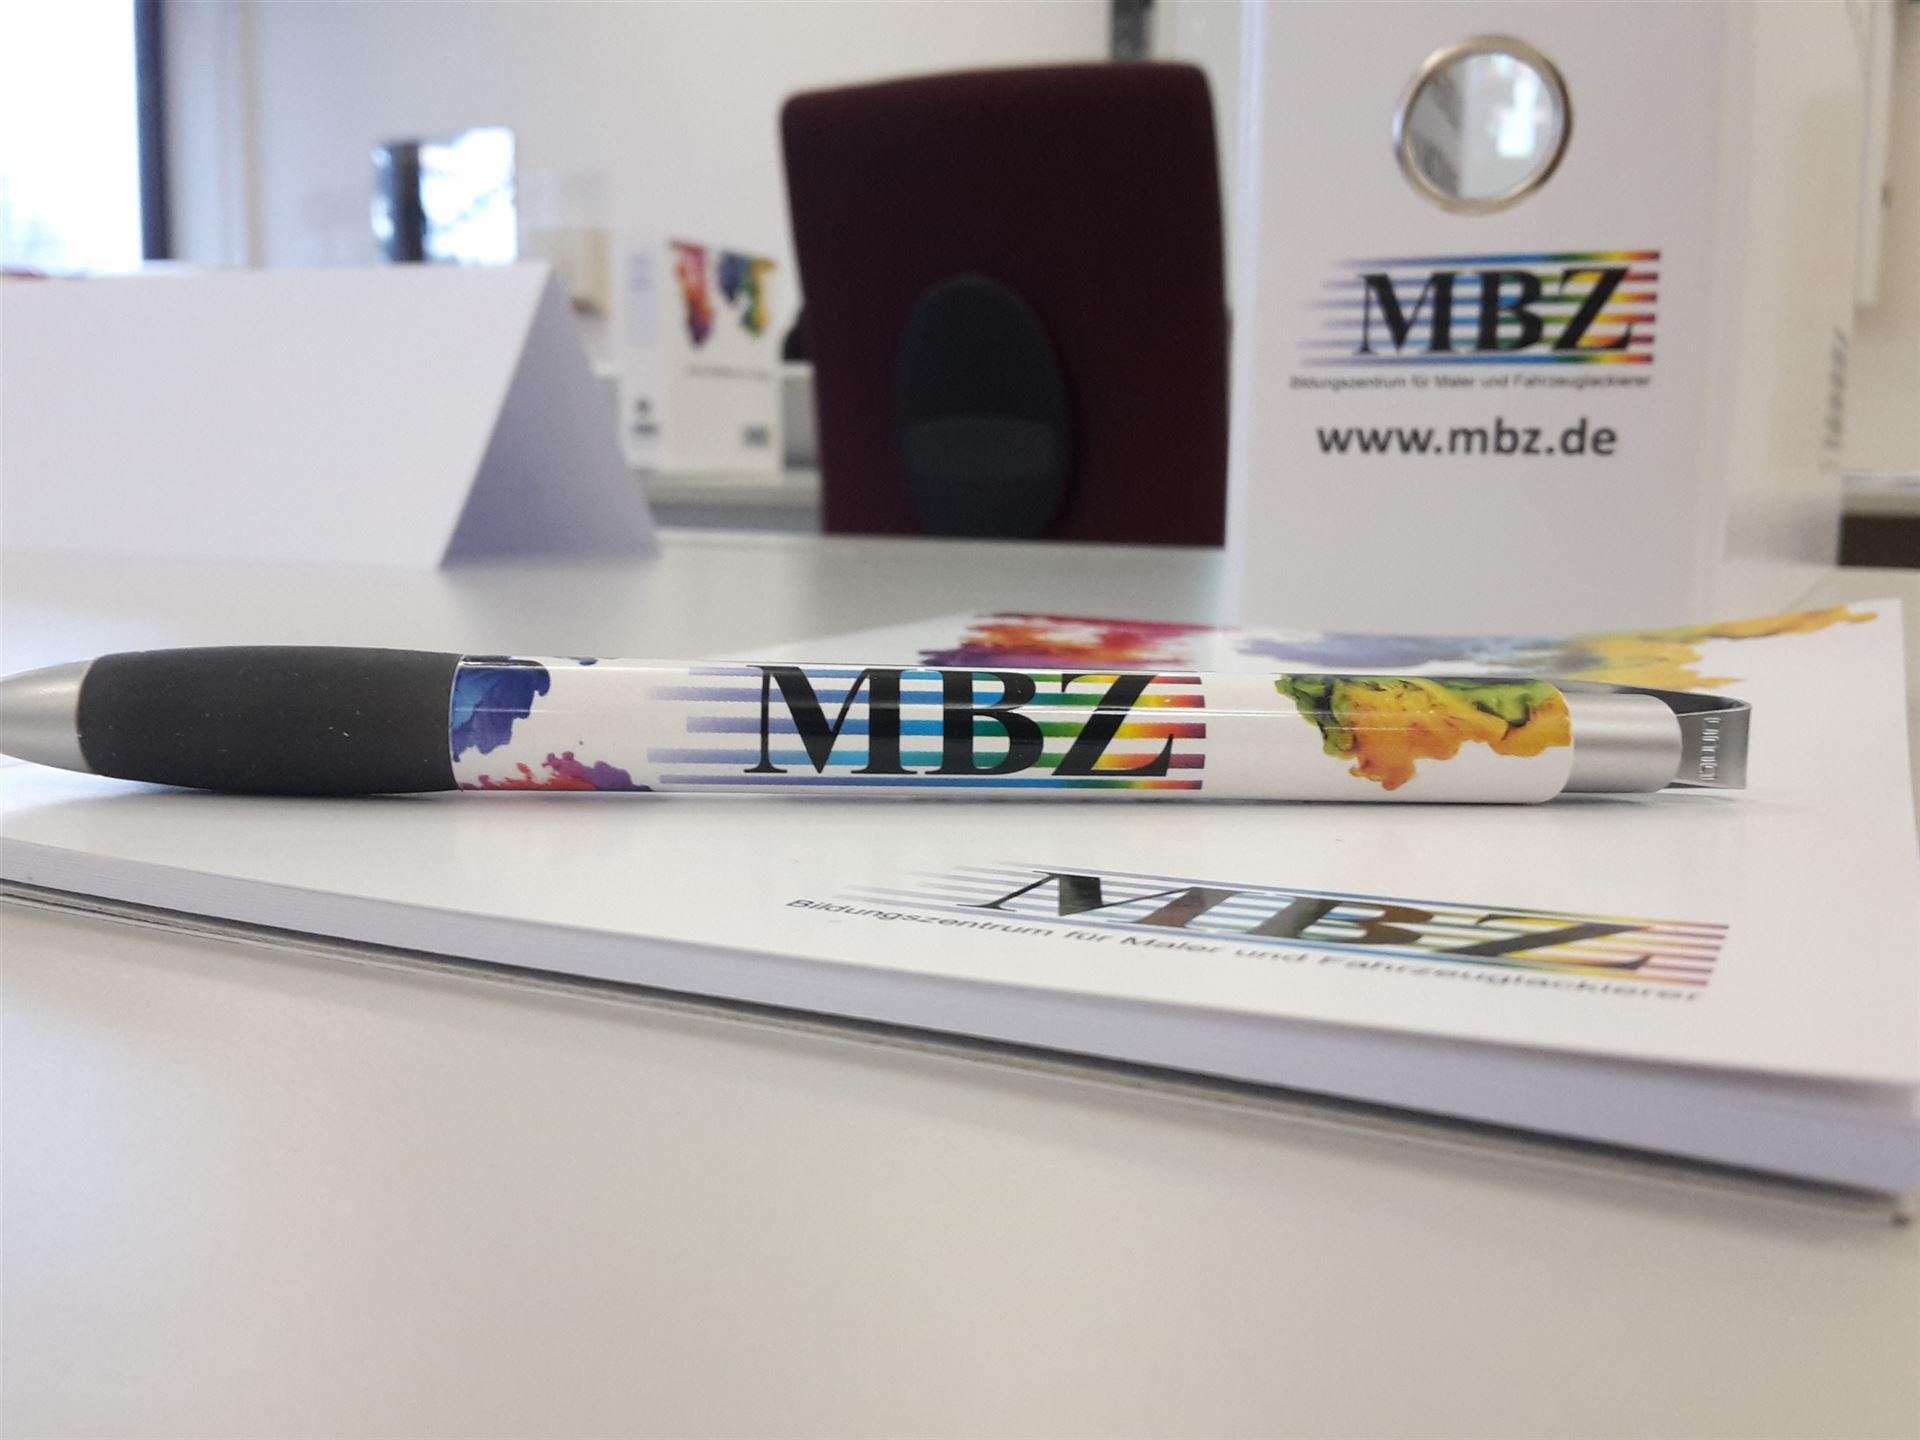 Raumausstatter Bielefeld mbz malerbildungszentrum in bielefeld